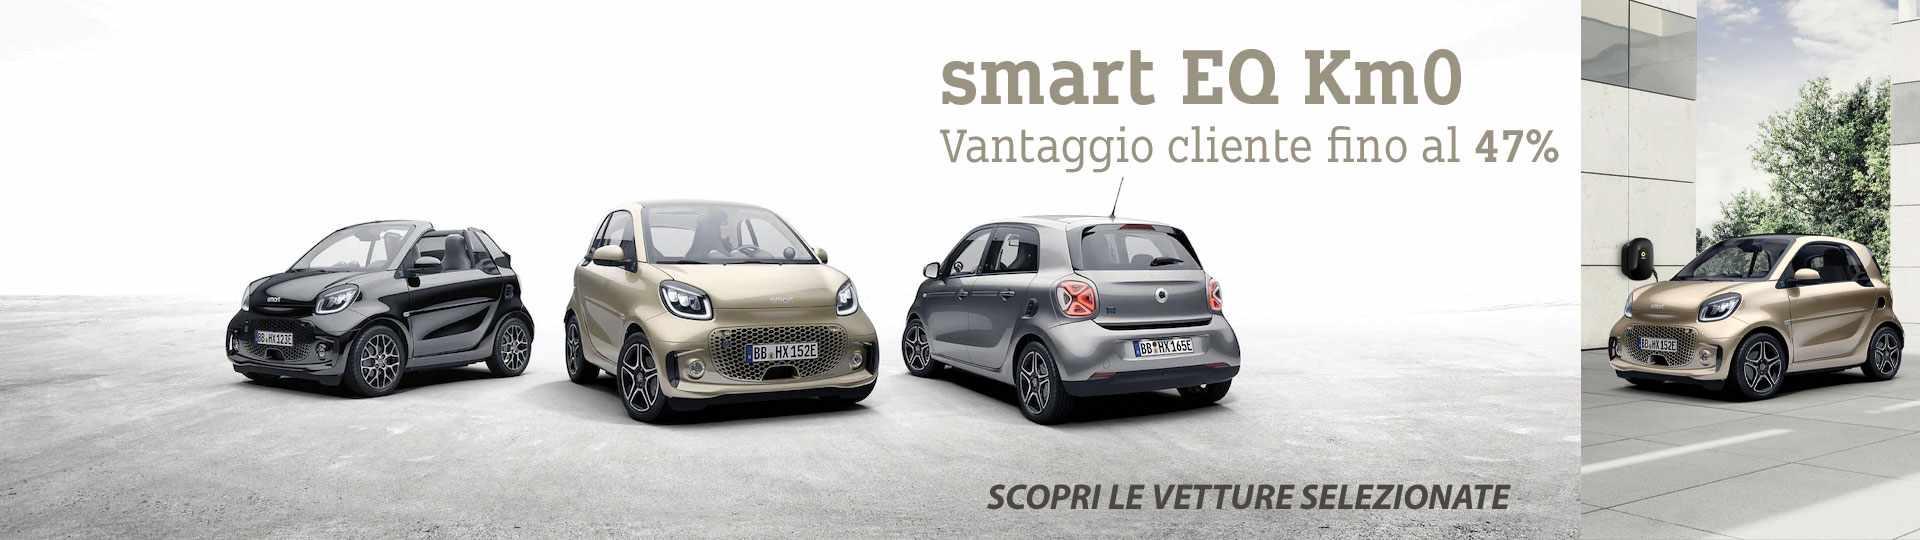 header_smart_km0_giugno_2021.jpg